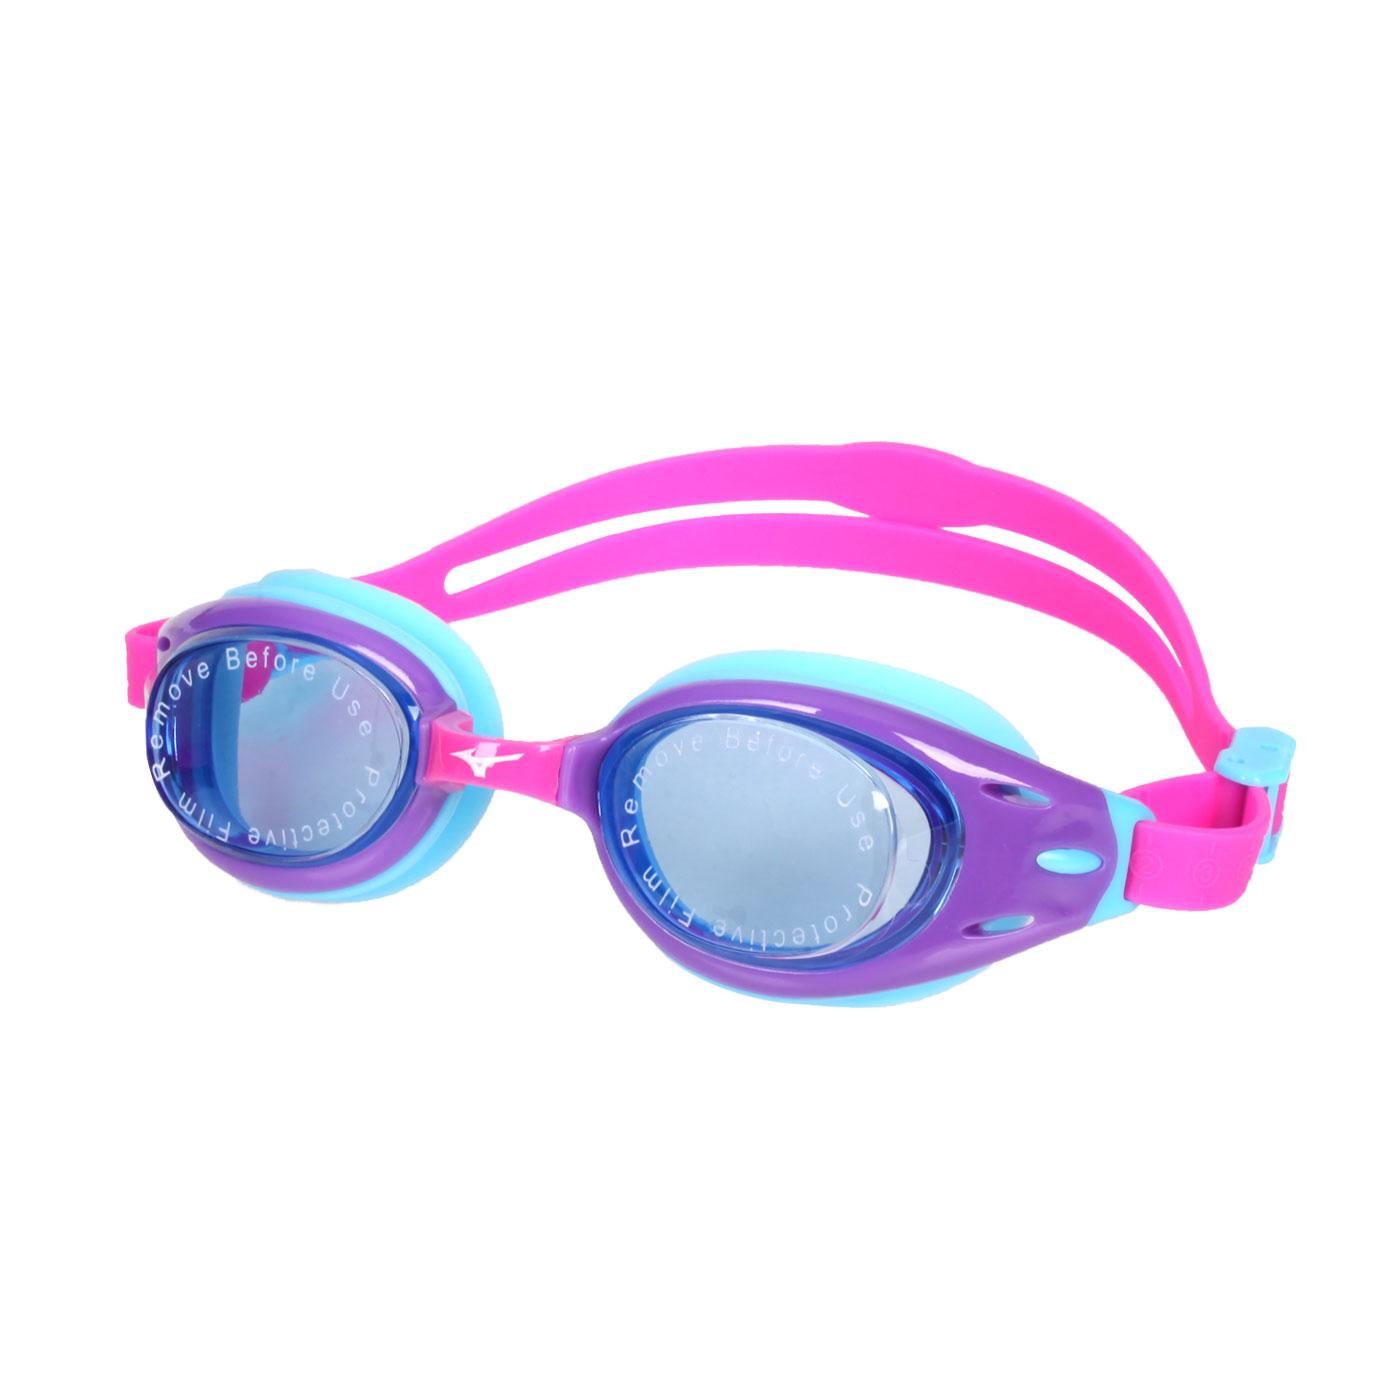 MIZUNO 兒童泳鏡  SWIMN3TF105000-22 - 桃紅水藍